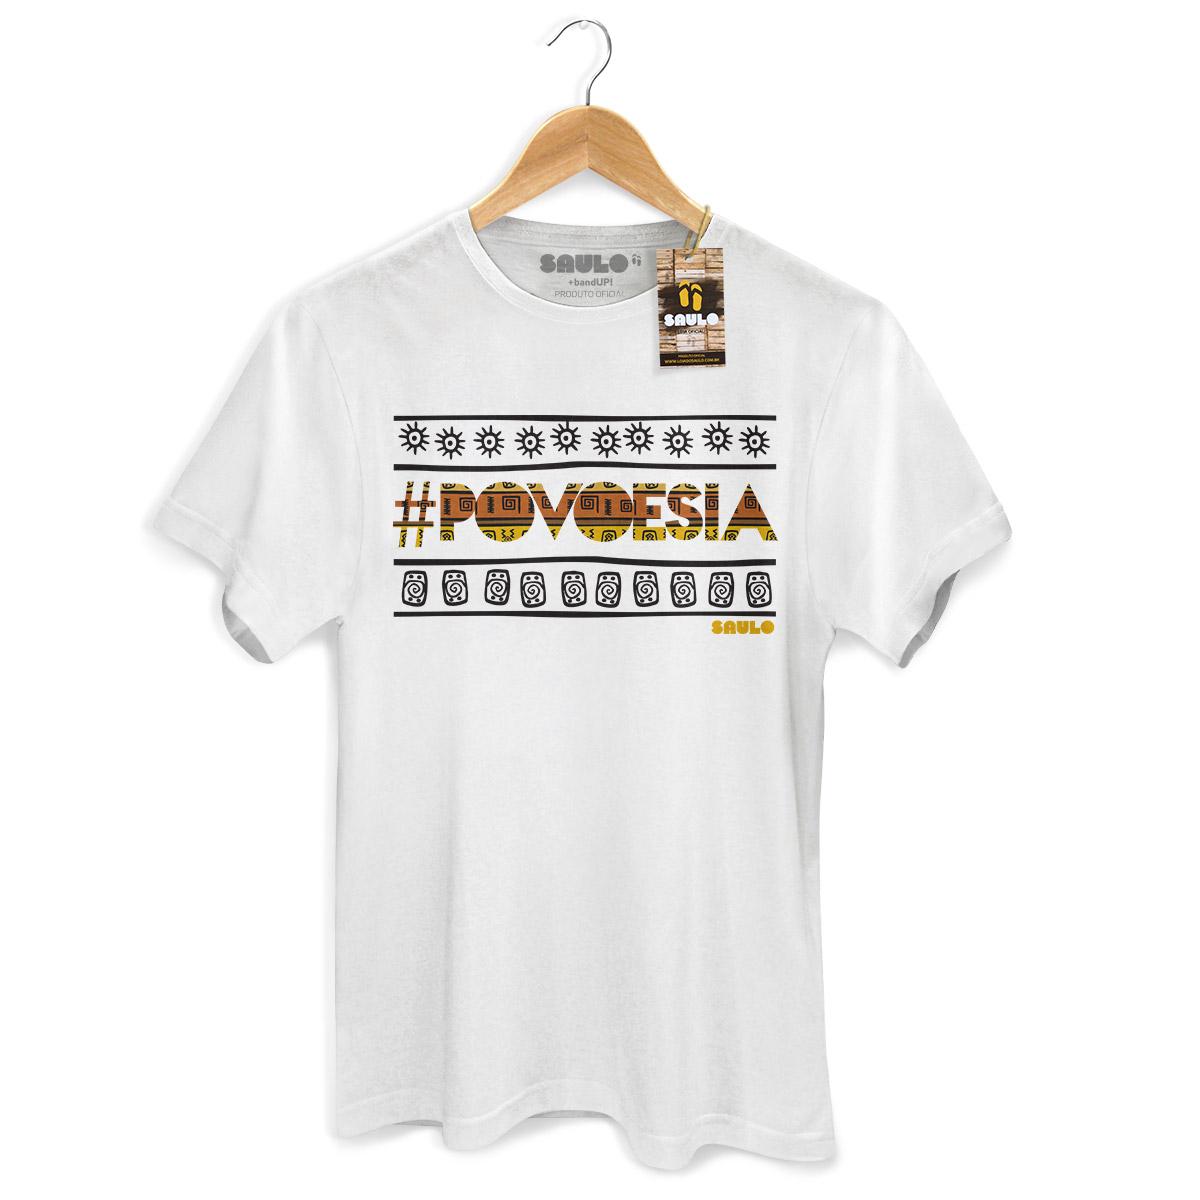 Camiseta Masculina Saulo Povoesia